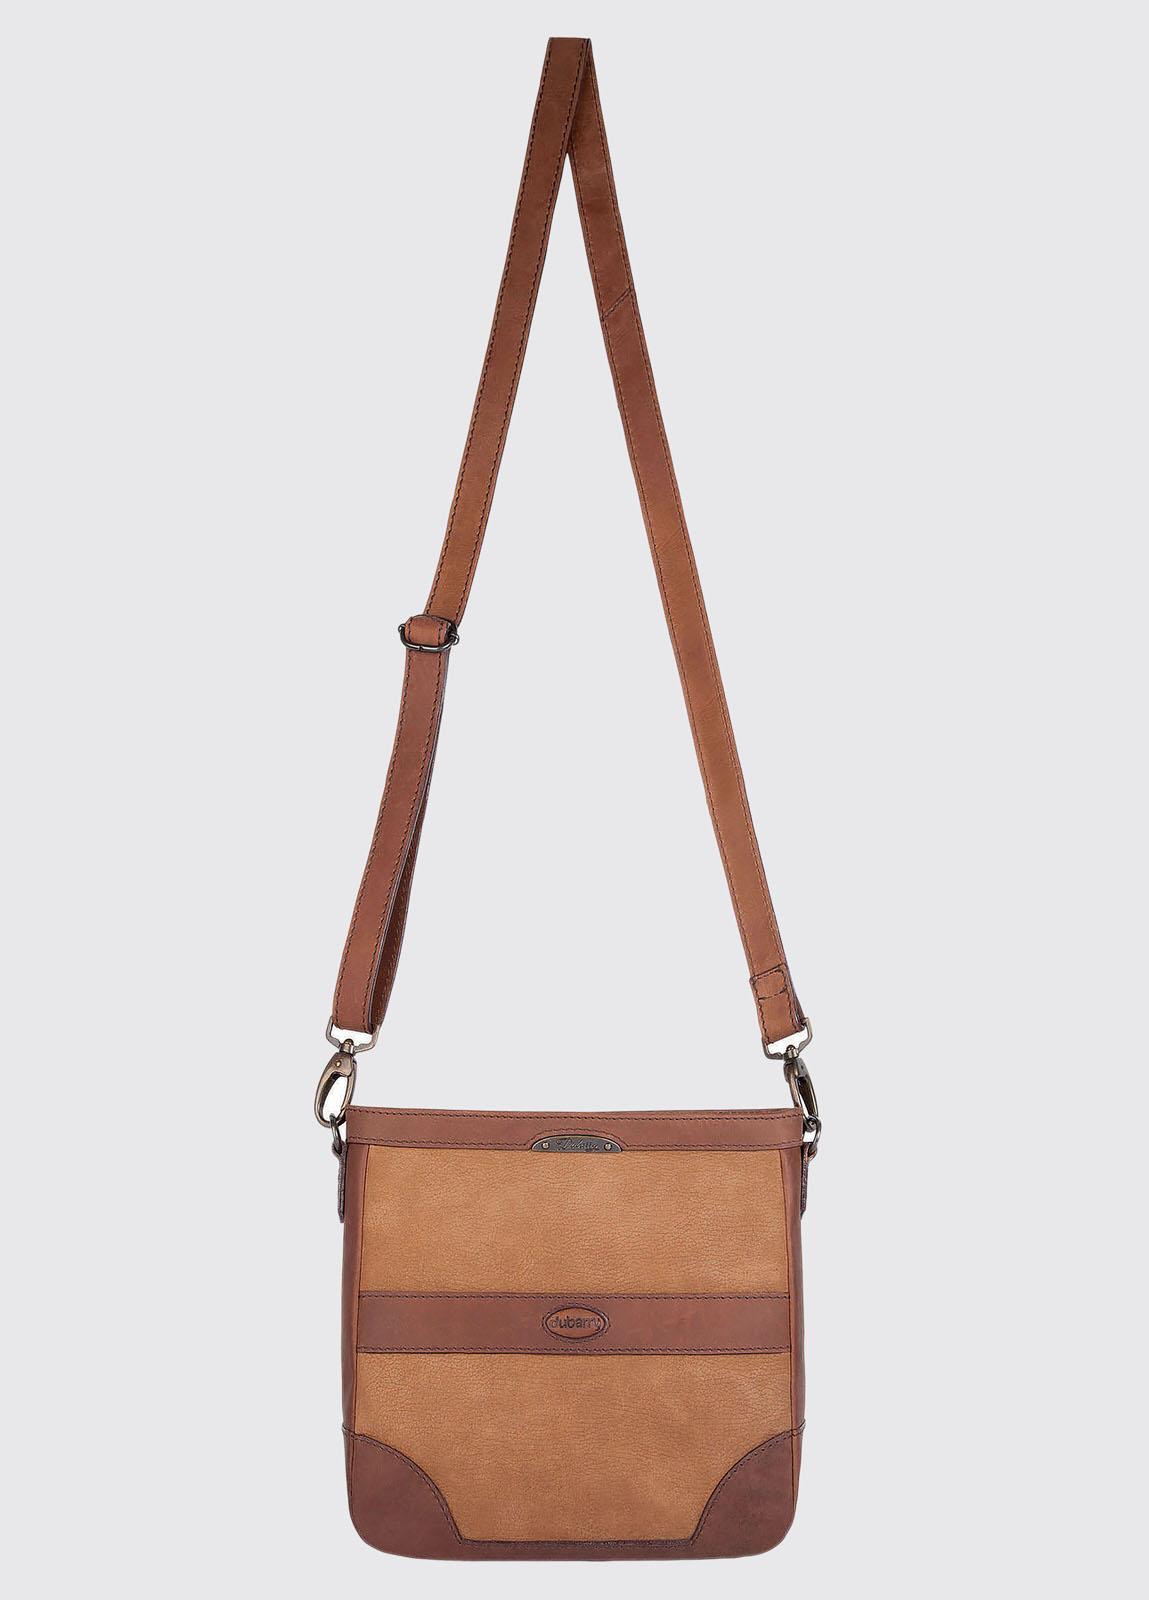 Ardmore Cross Body Bag - Brown